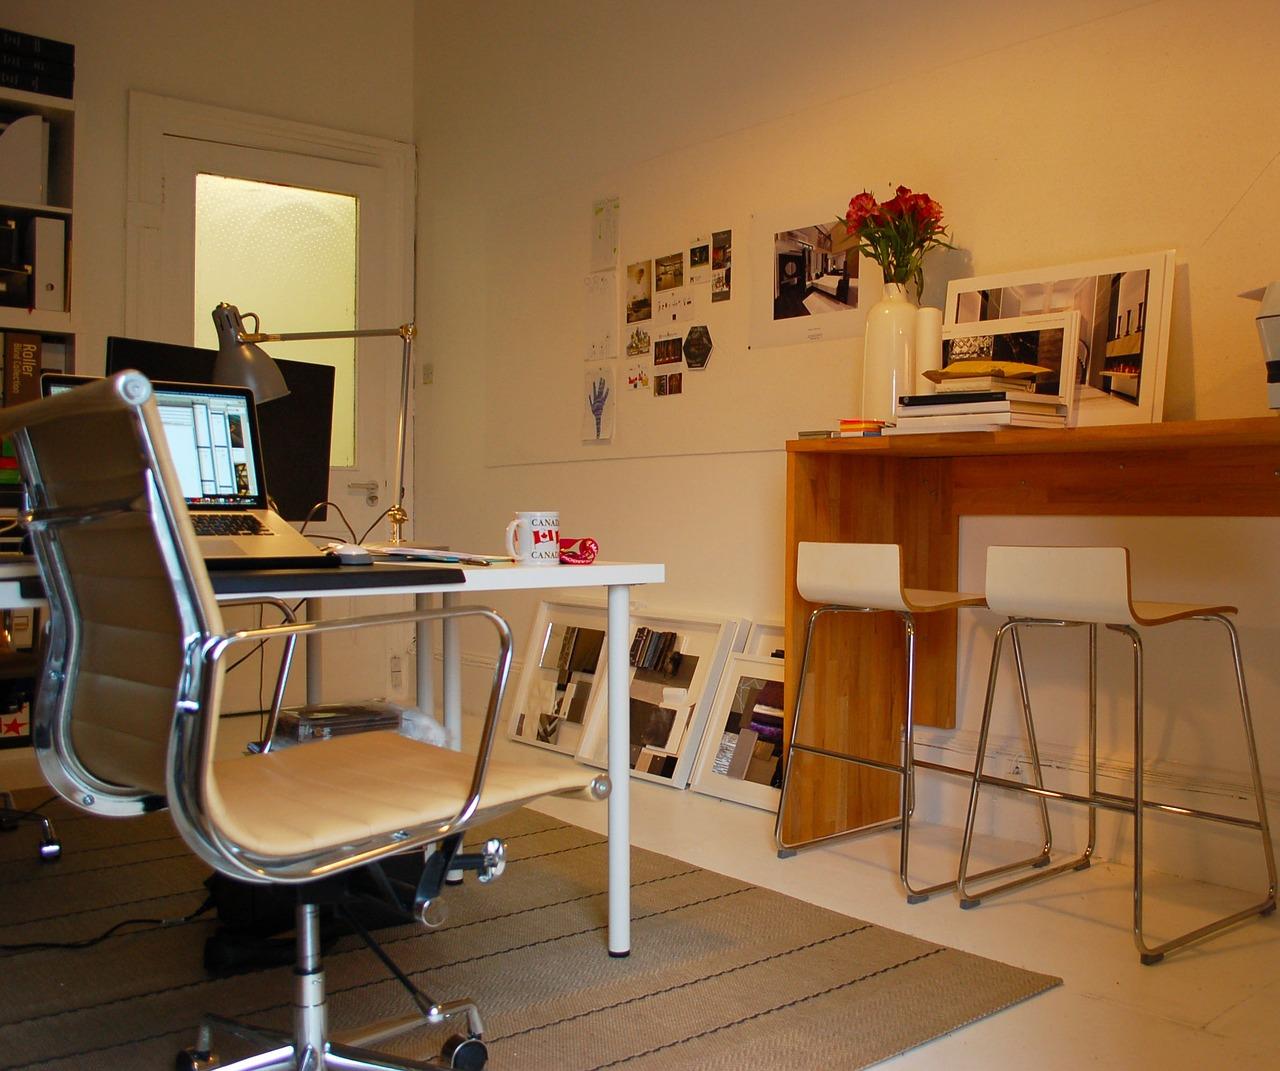 オフィスは要らない?今すぐできるリモートワークで仕事効率と社員満足度を上げる方法。